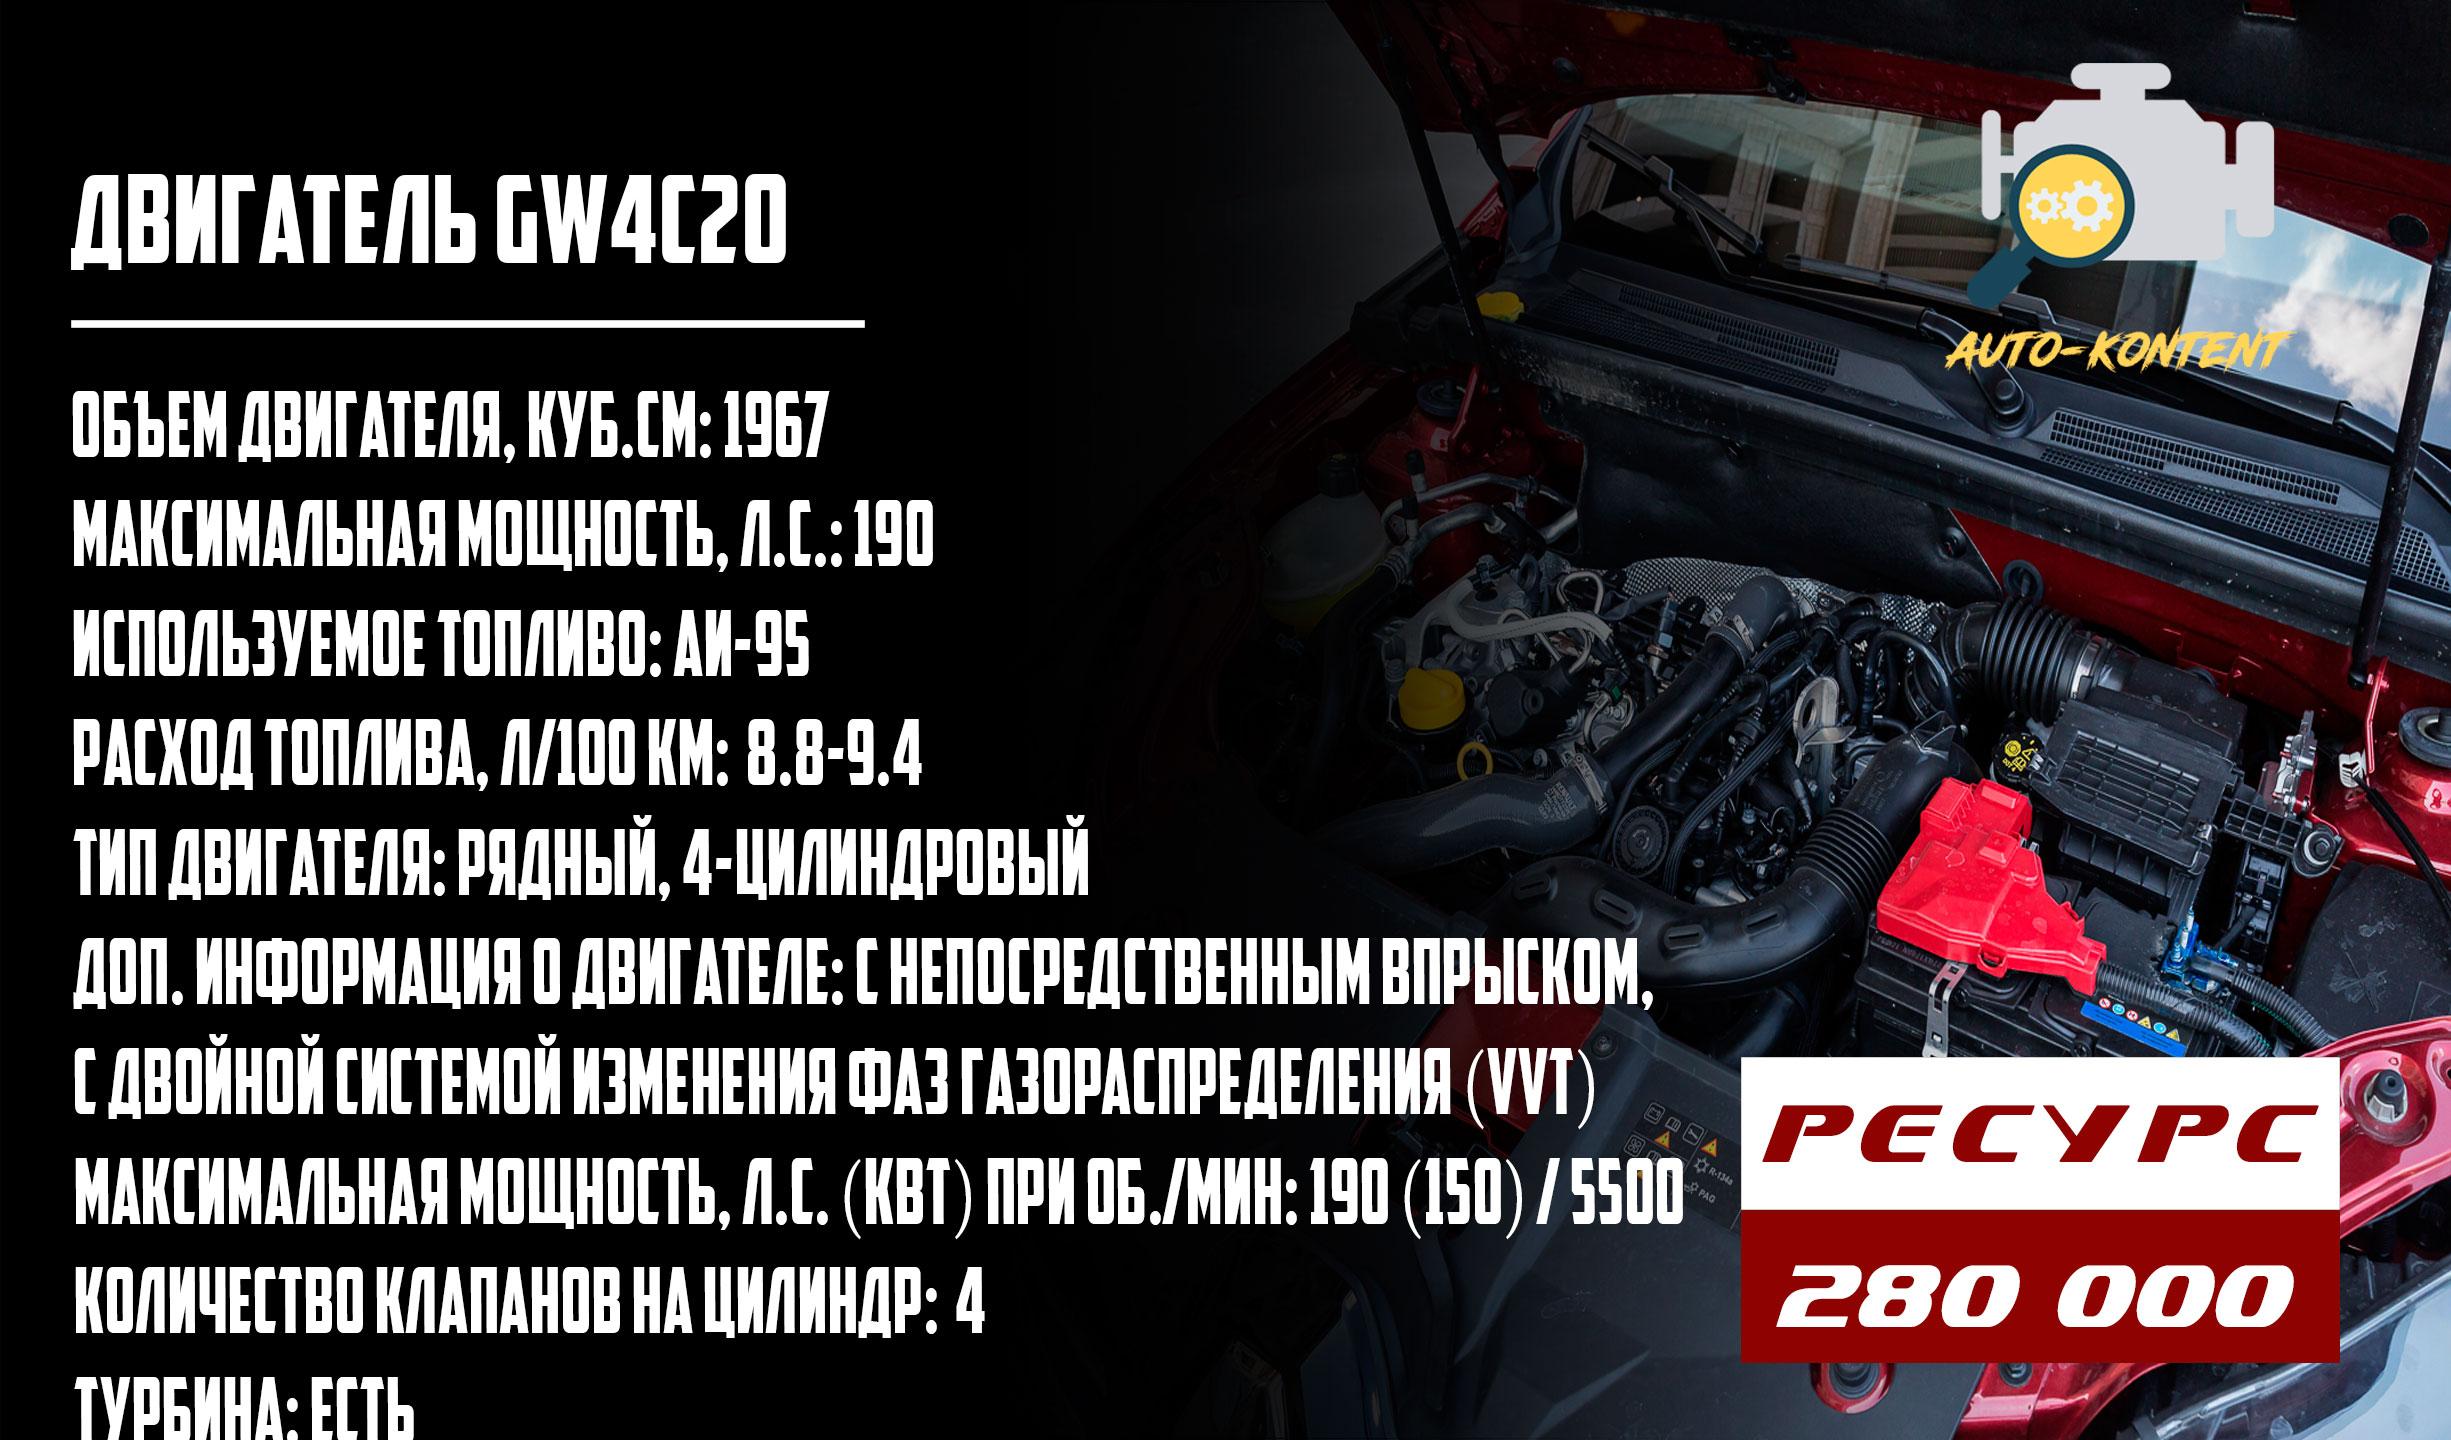 Двигатель GW4C20